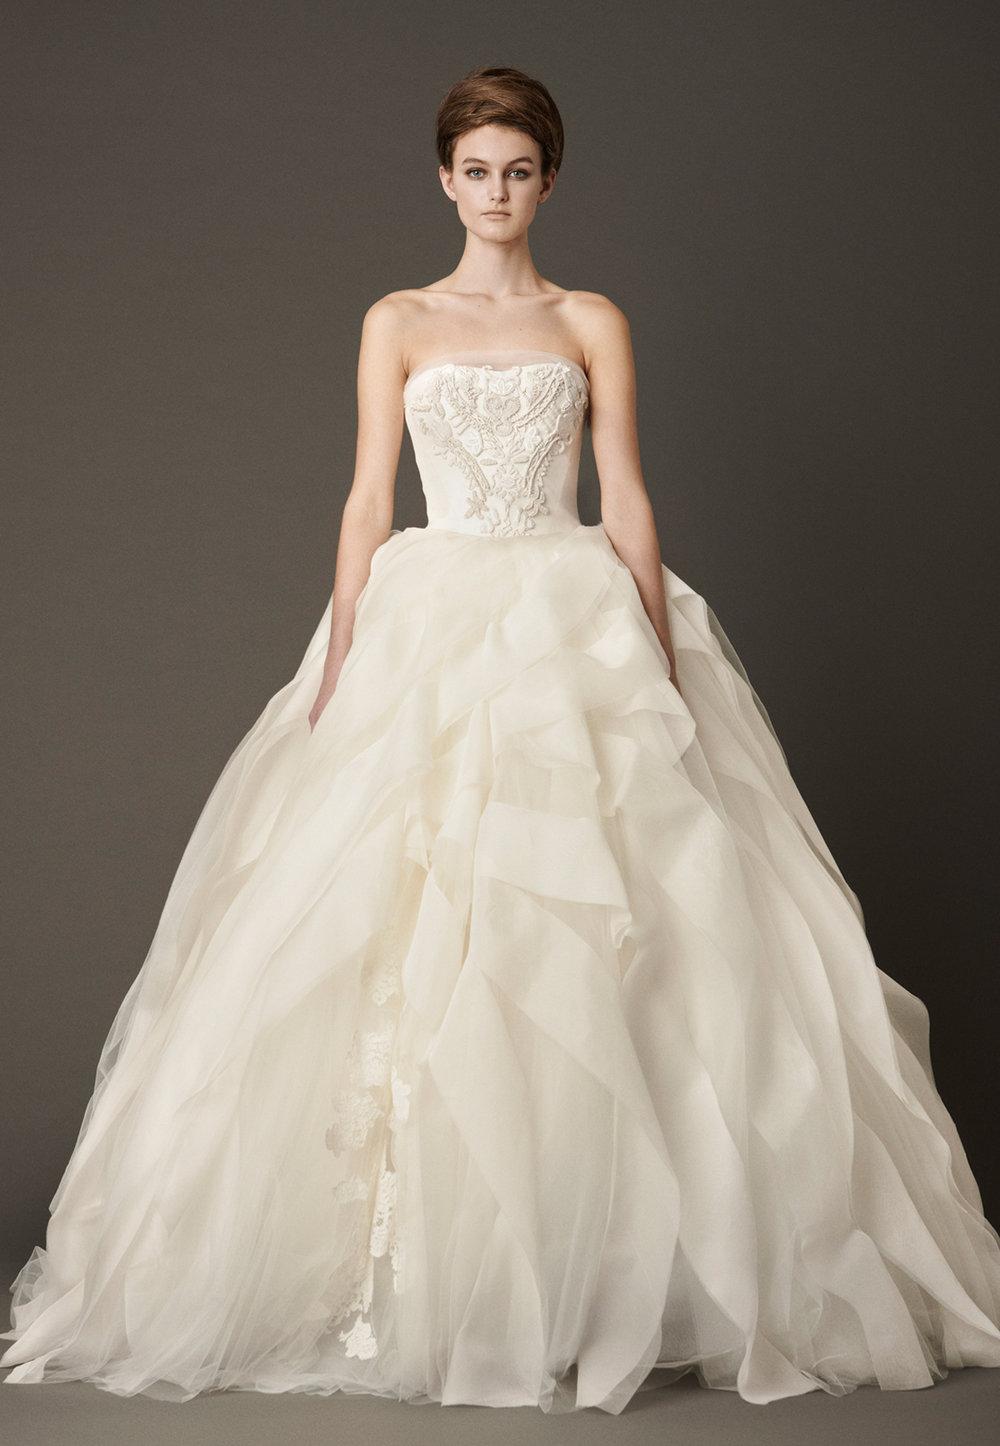 Iconic Style    Gown Name: Liesel 桃心形领口公主大裙婚纱    Description: 桃心形领口公主大裙婚纱,上身缀以手工刺绣细节,下摆不但有蕾丝贴花为 特色细节,更饰有似是一条条丝带随意组合的丝绸透明纱。这是一袭集传统、时尚与梦幻 于一身的婚纱,又如海浪般起伏的裙摆,自然地形成不对称效果,如梦幻舞会的礼服。